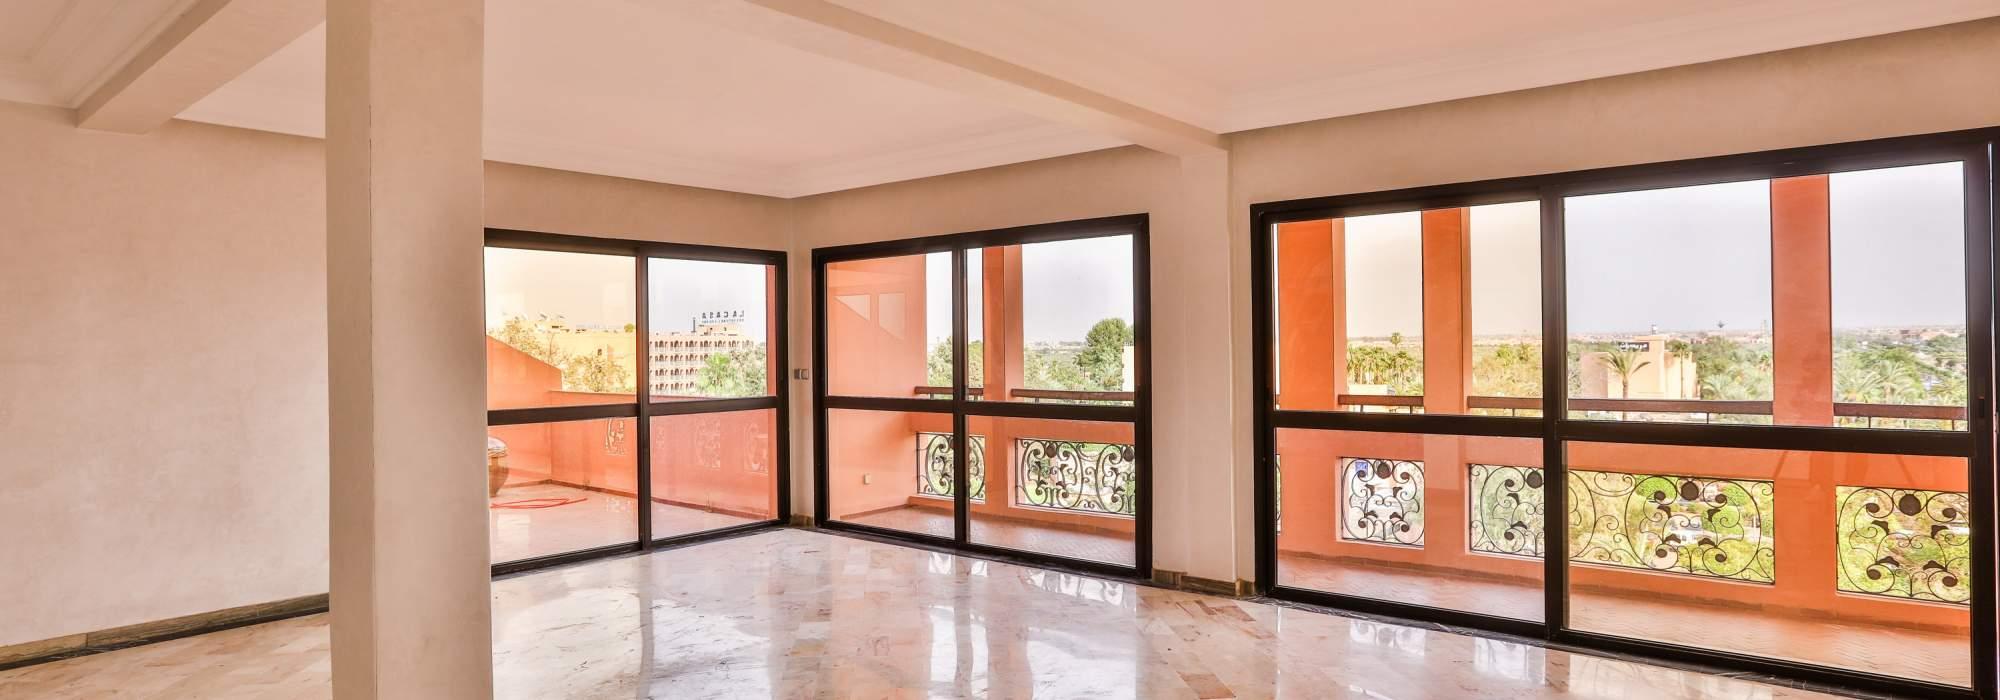 vente appartement de prestige a l'hivernage marrakech